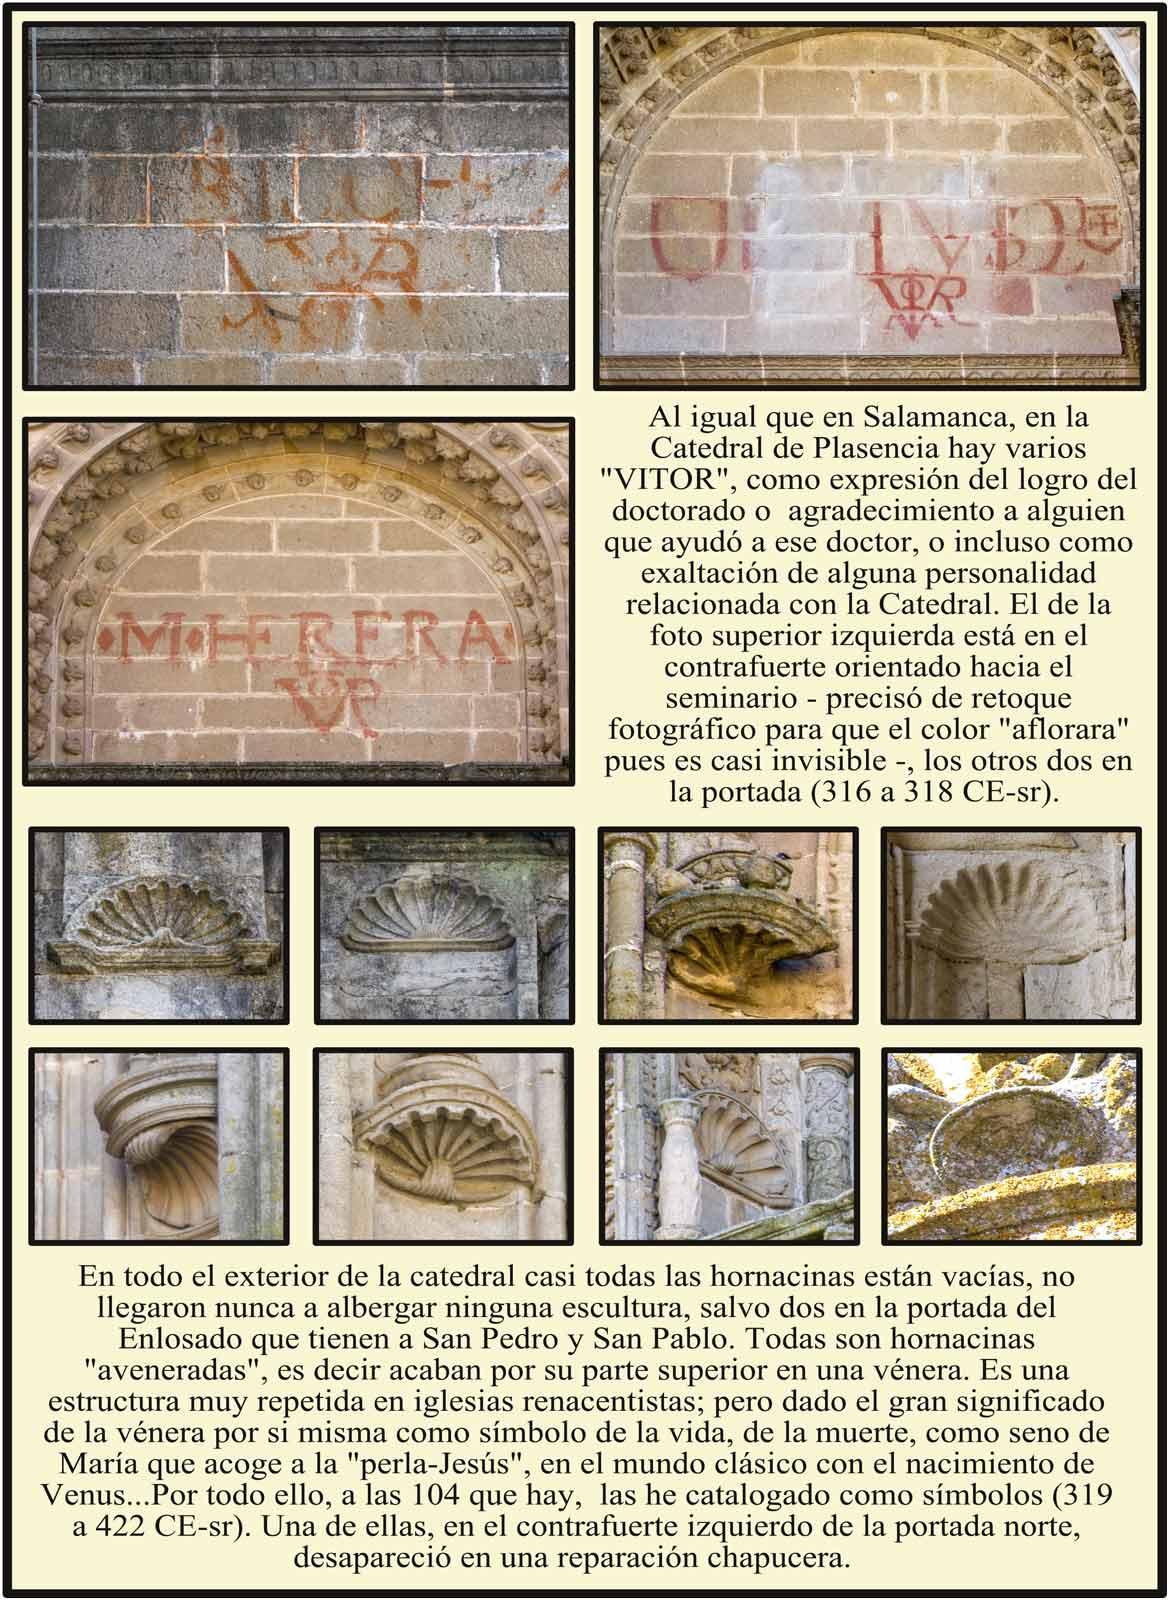 Vitor en la Catedral Dorada  de Plasencia Veneras en hornacinas aveneradas